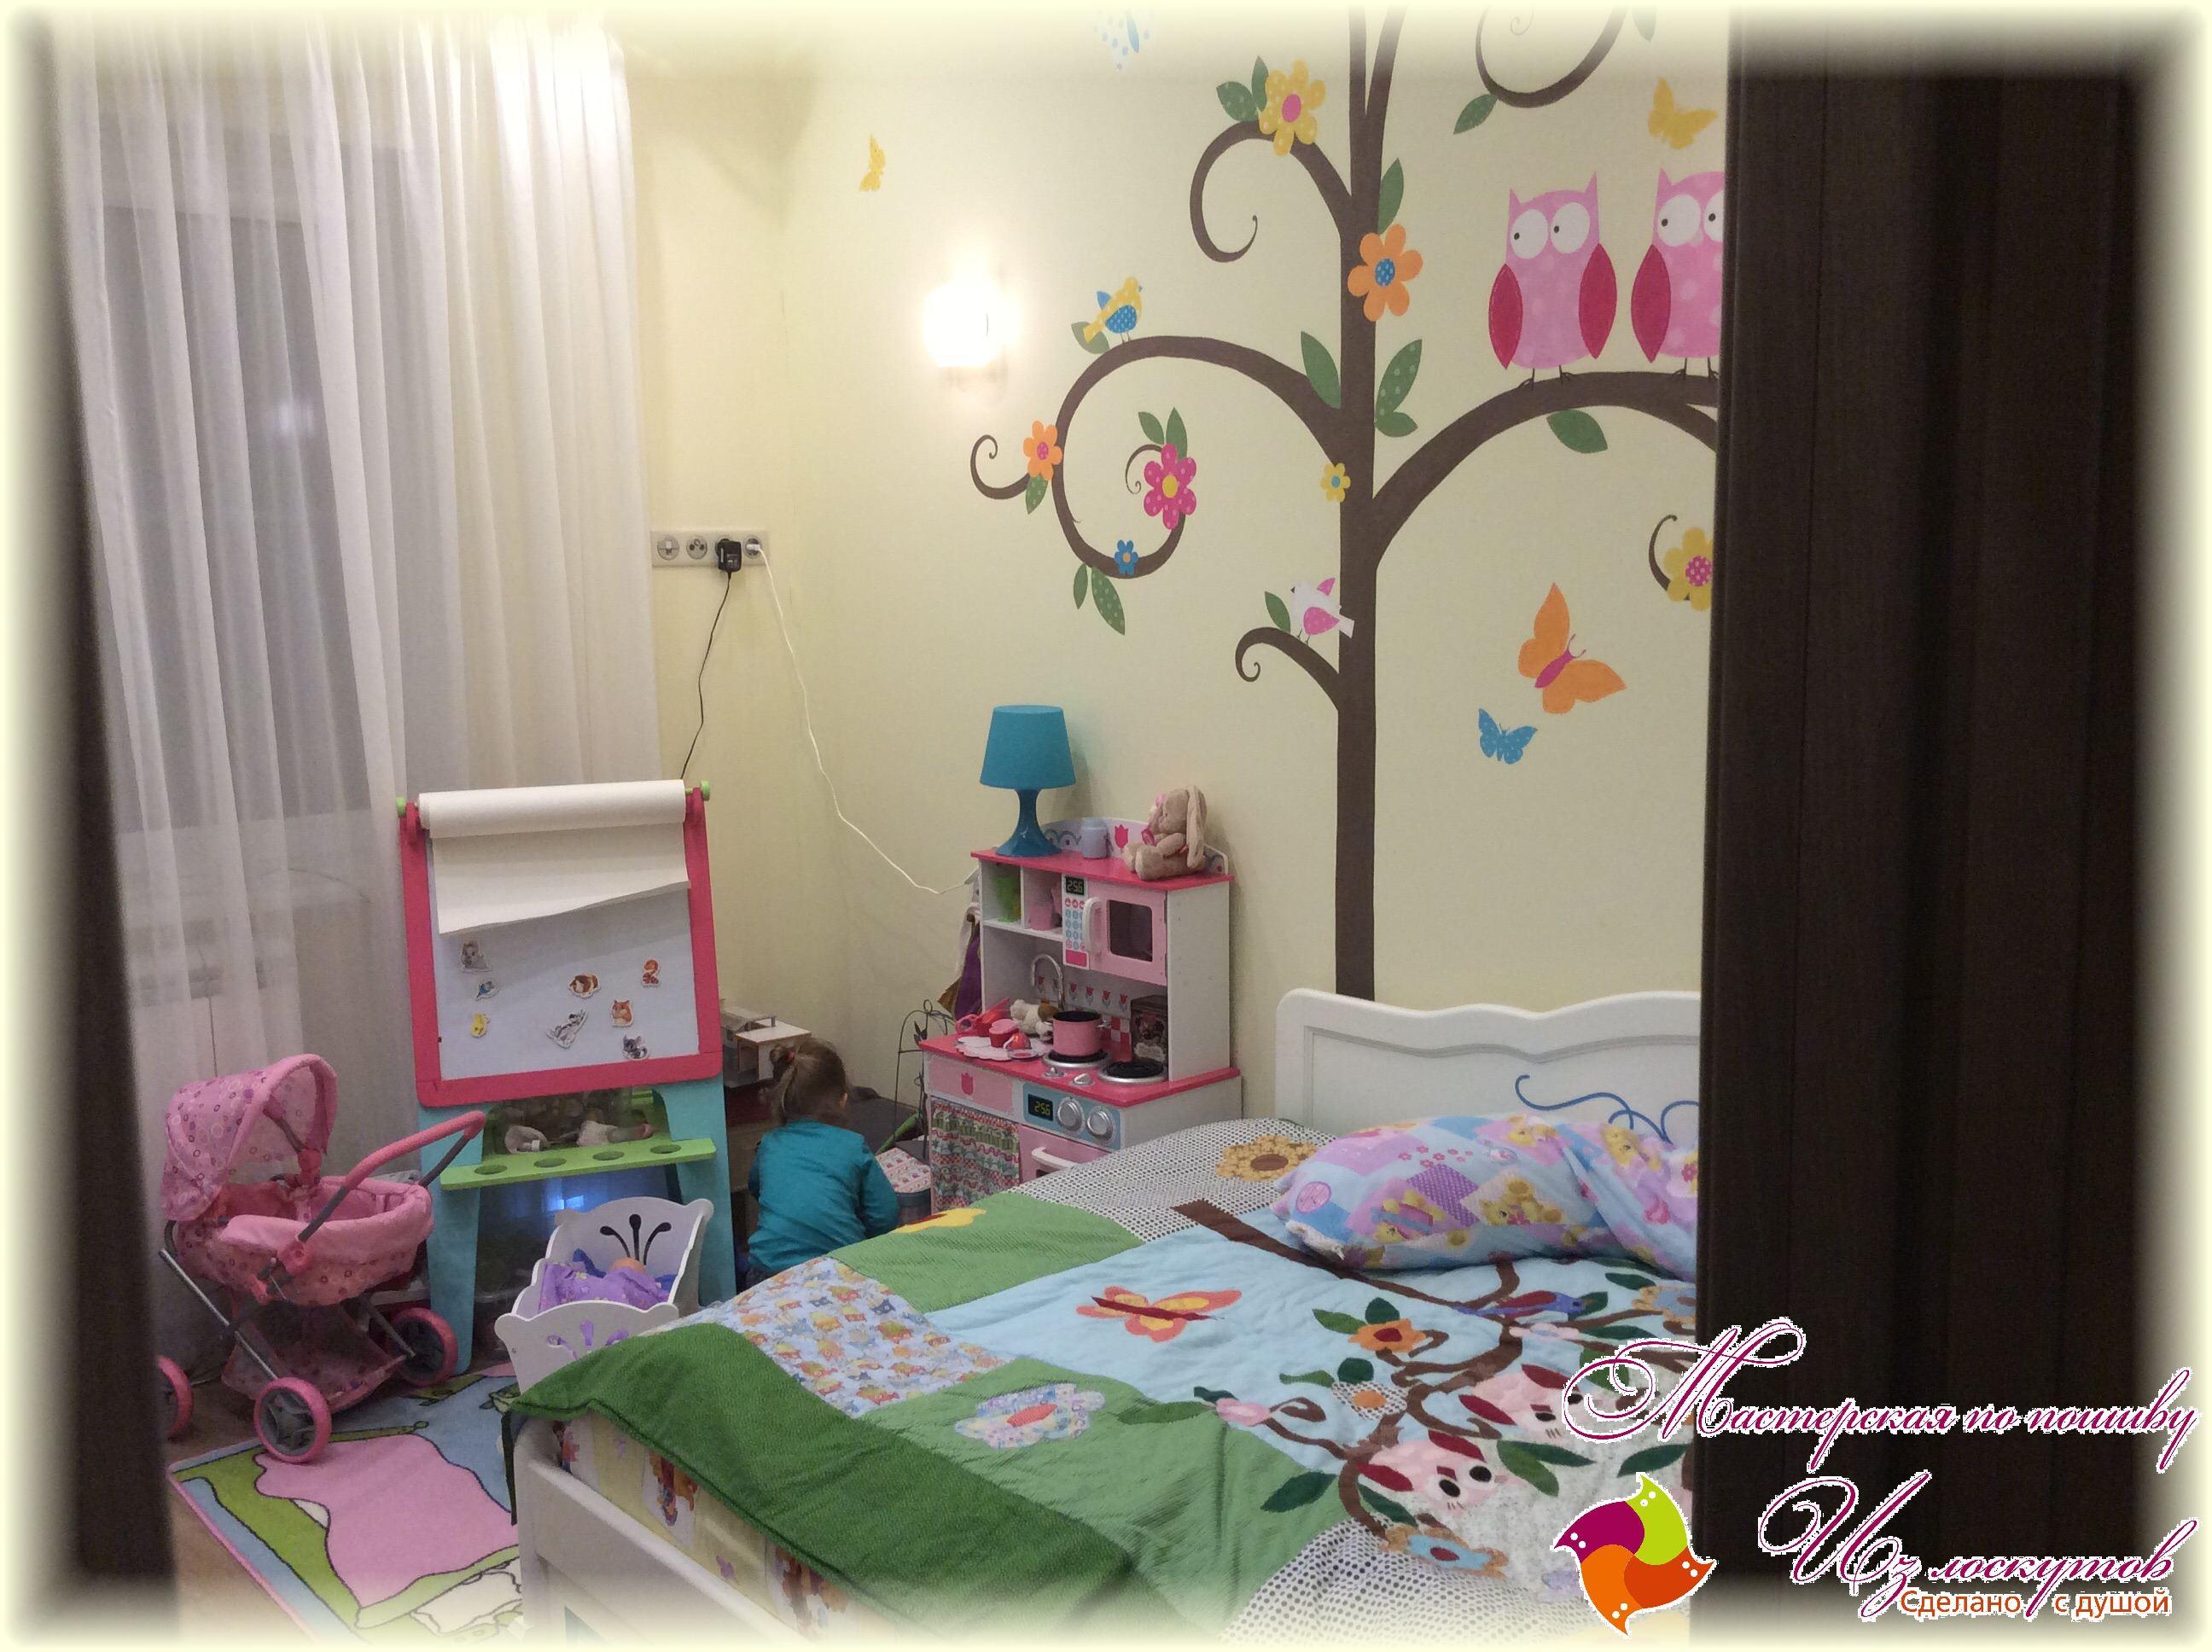 Лоскутное шитьё (пэчворк) в интерьере детской